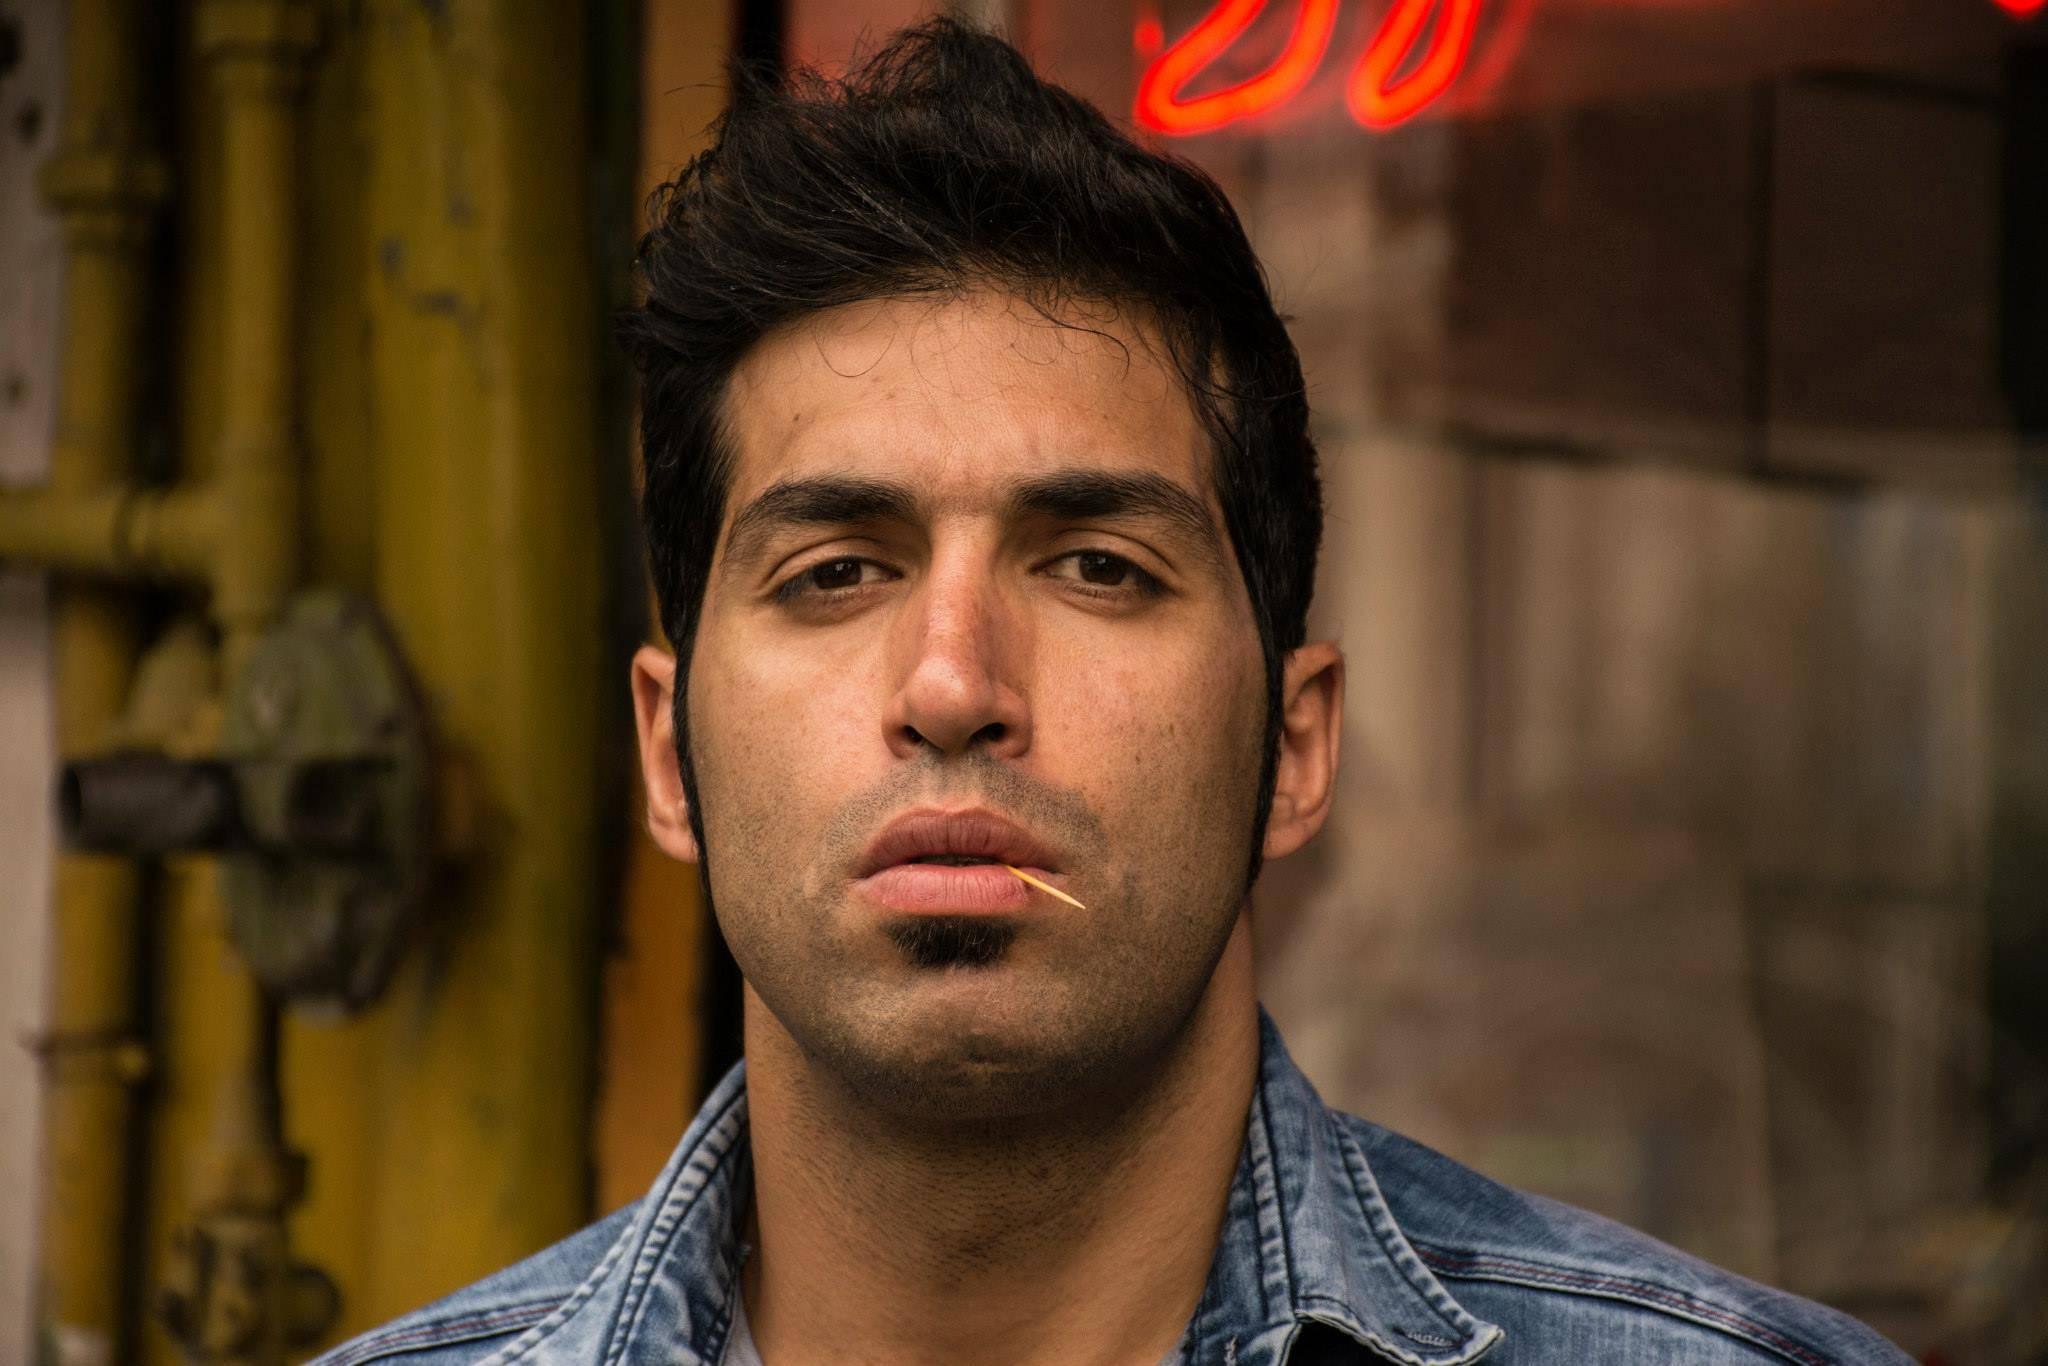 Persian guys dating guys